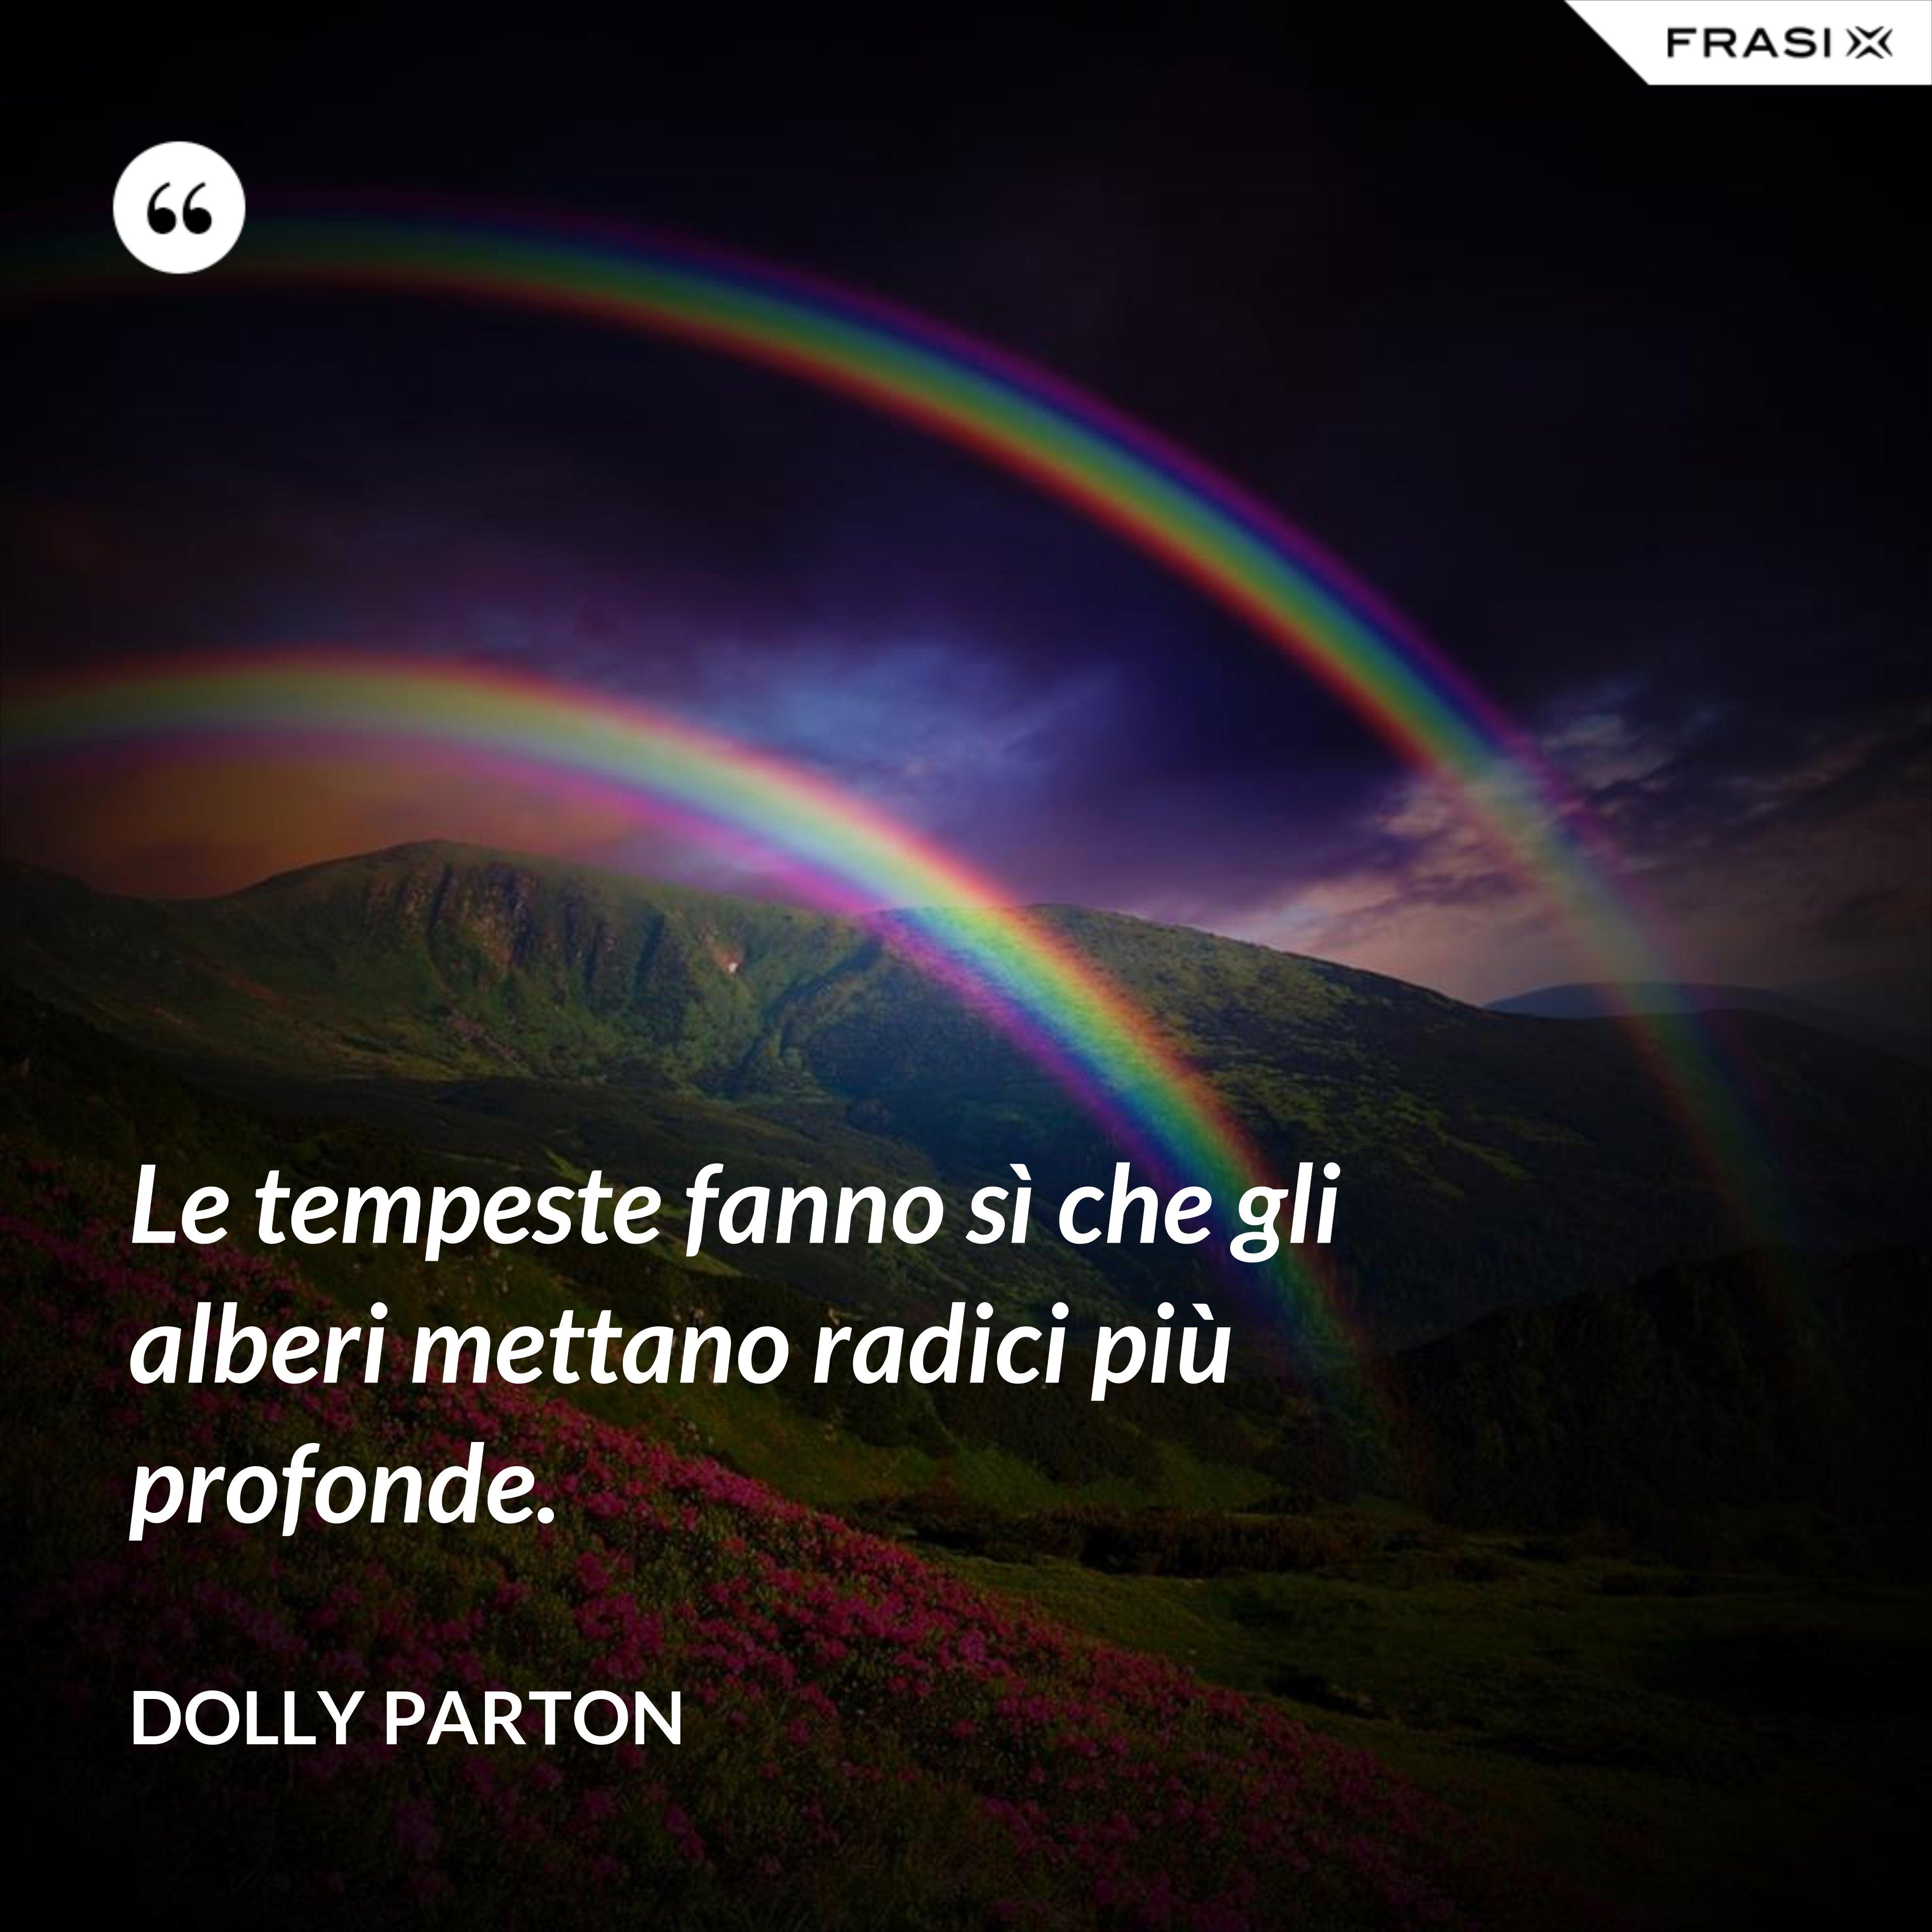 Le tempeste fanno sì che gli alberi mettano radici più profonde. - Dolly Parton